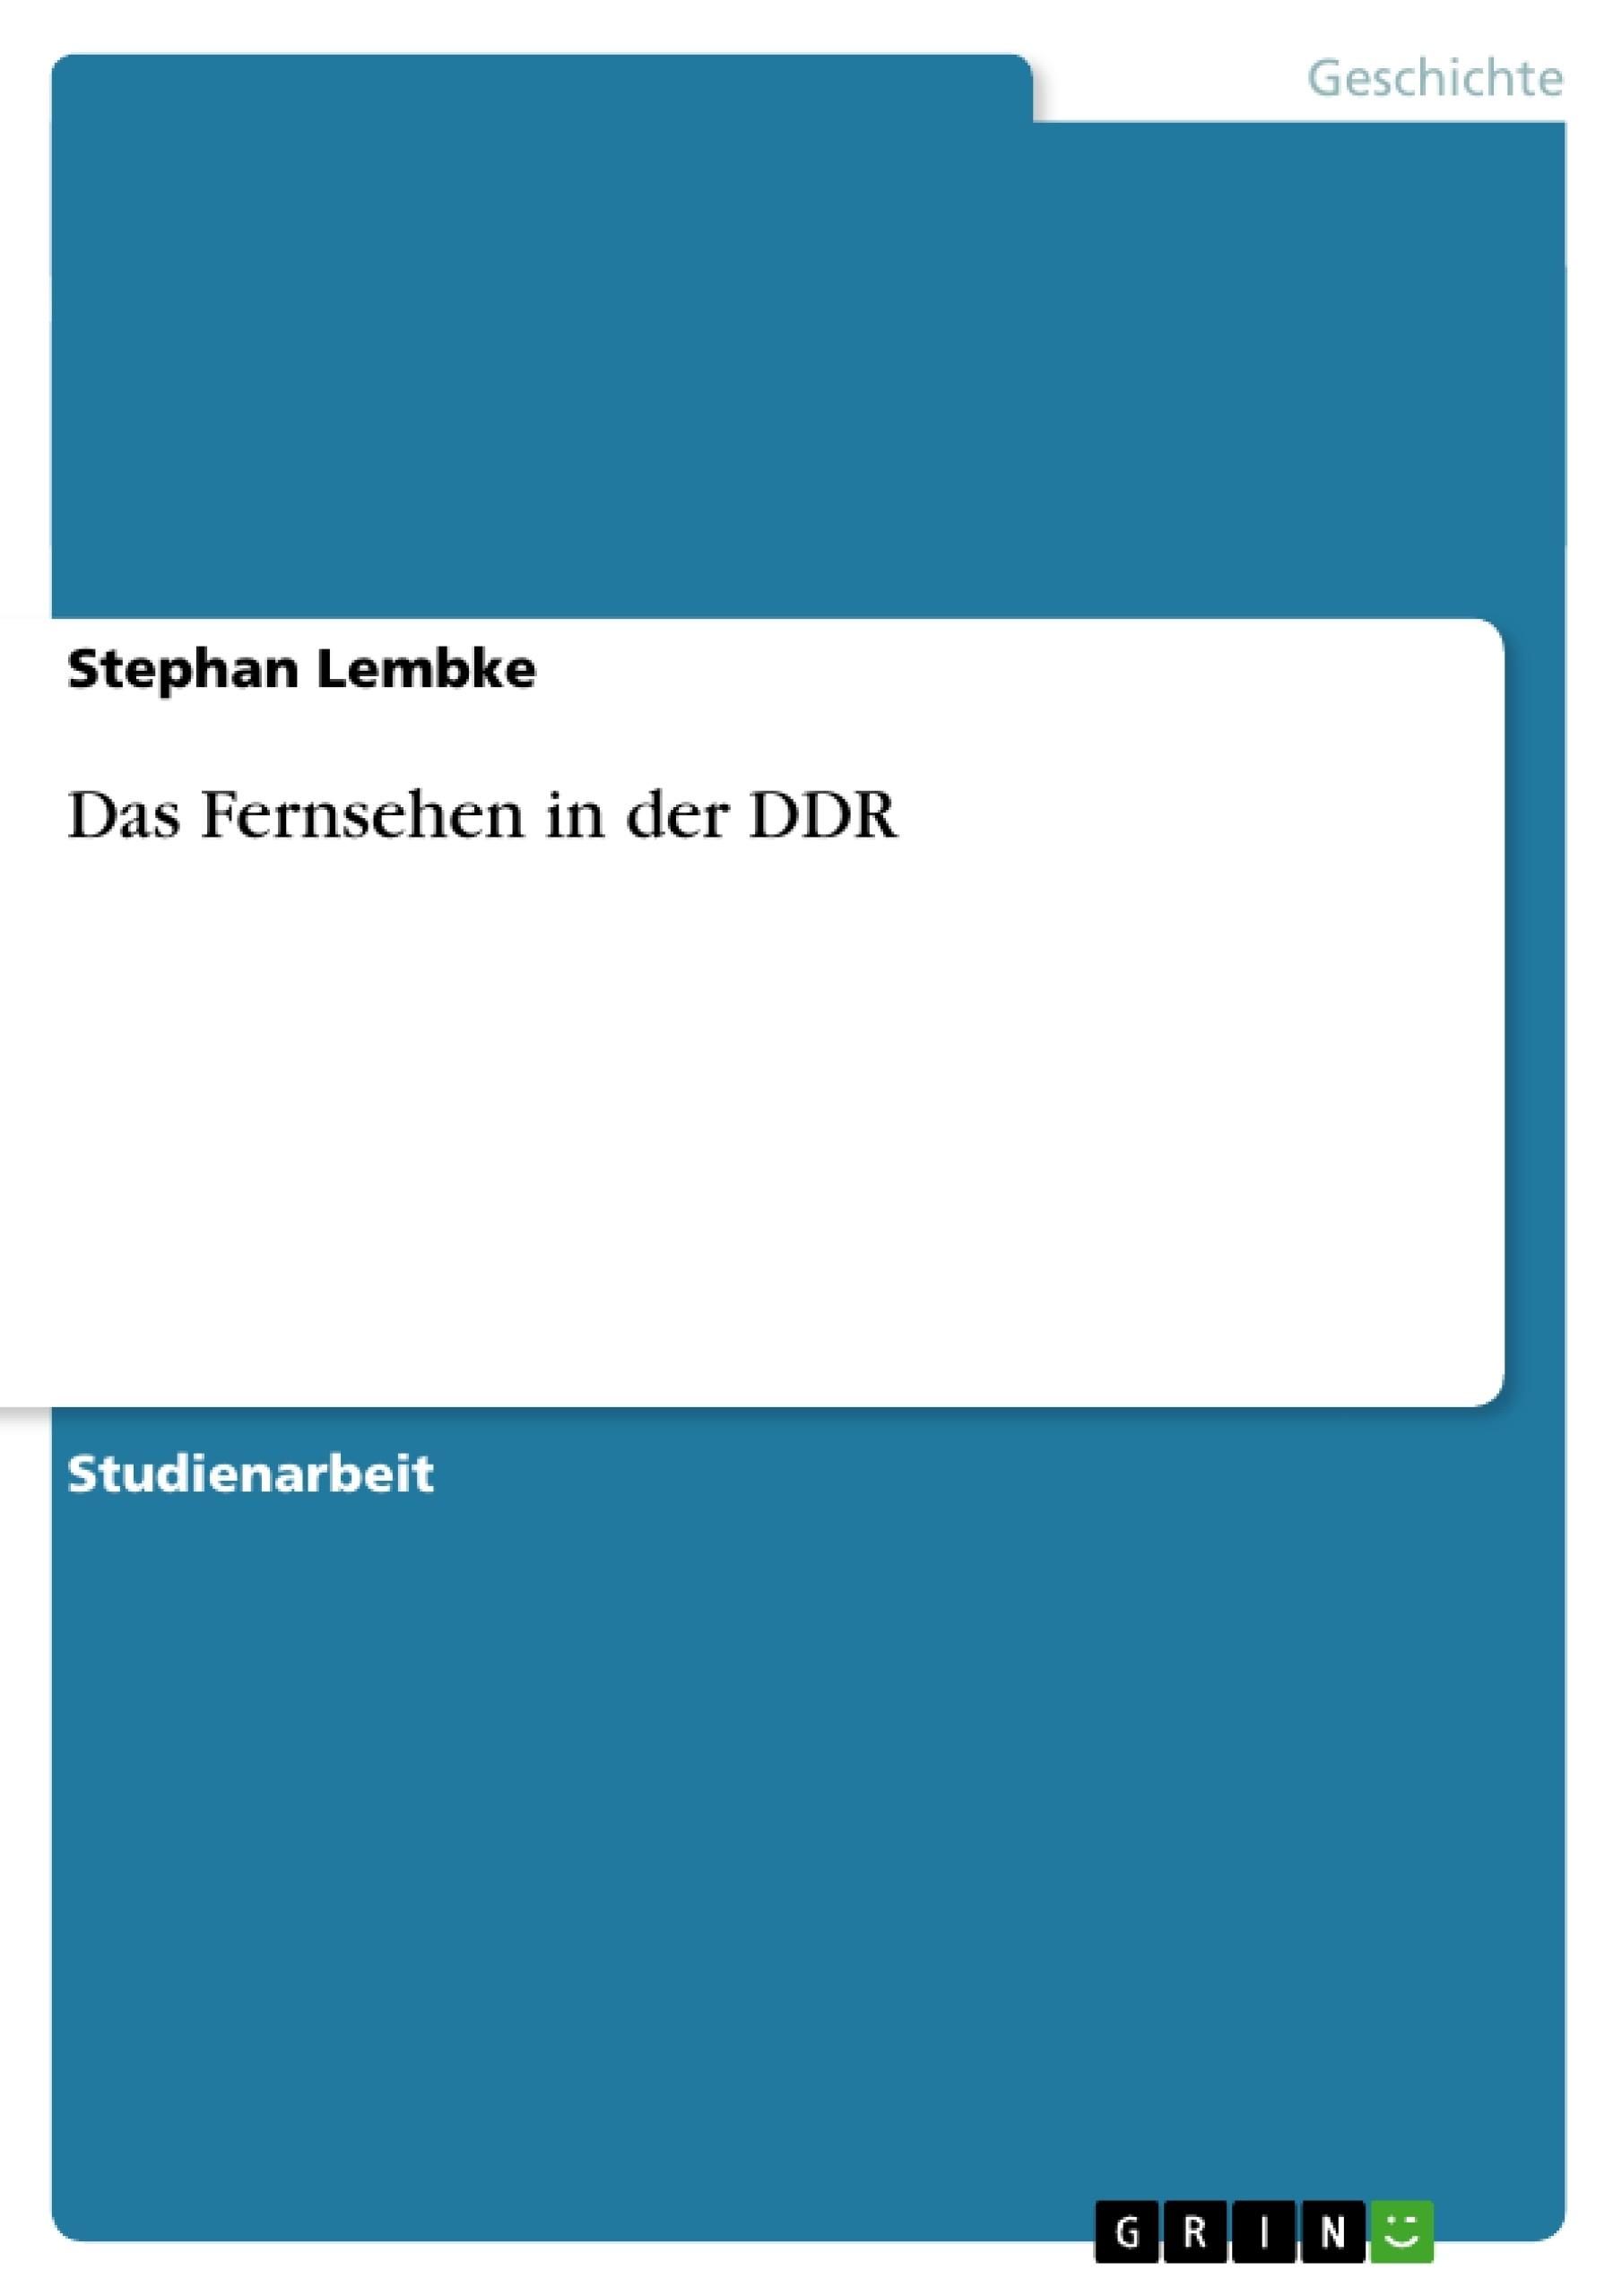 Titel: Das Fernsehen in der DDR